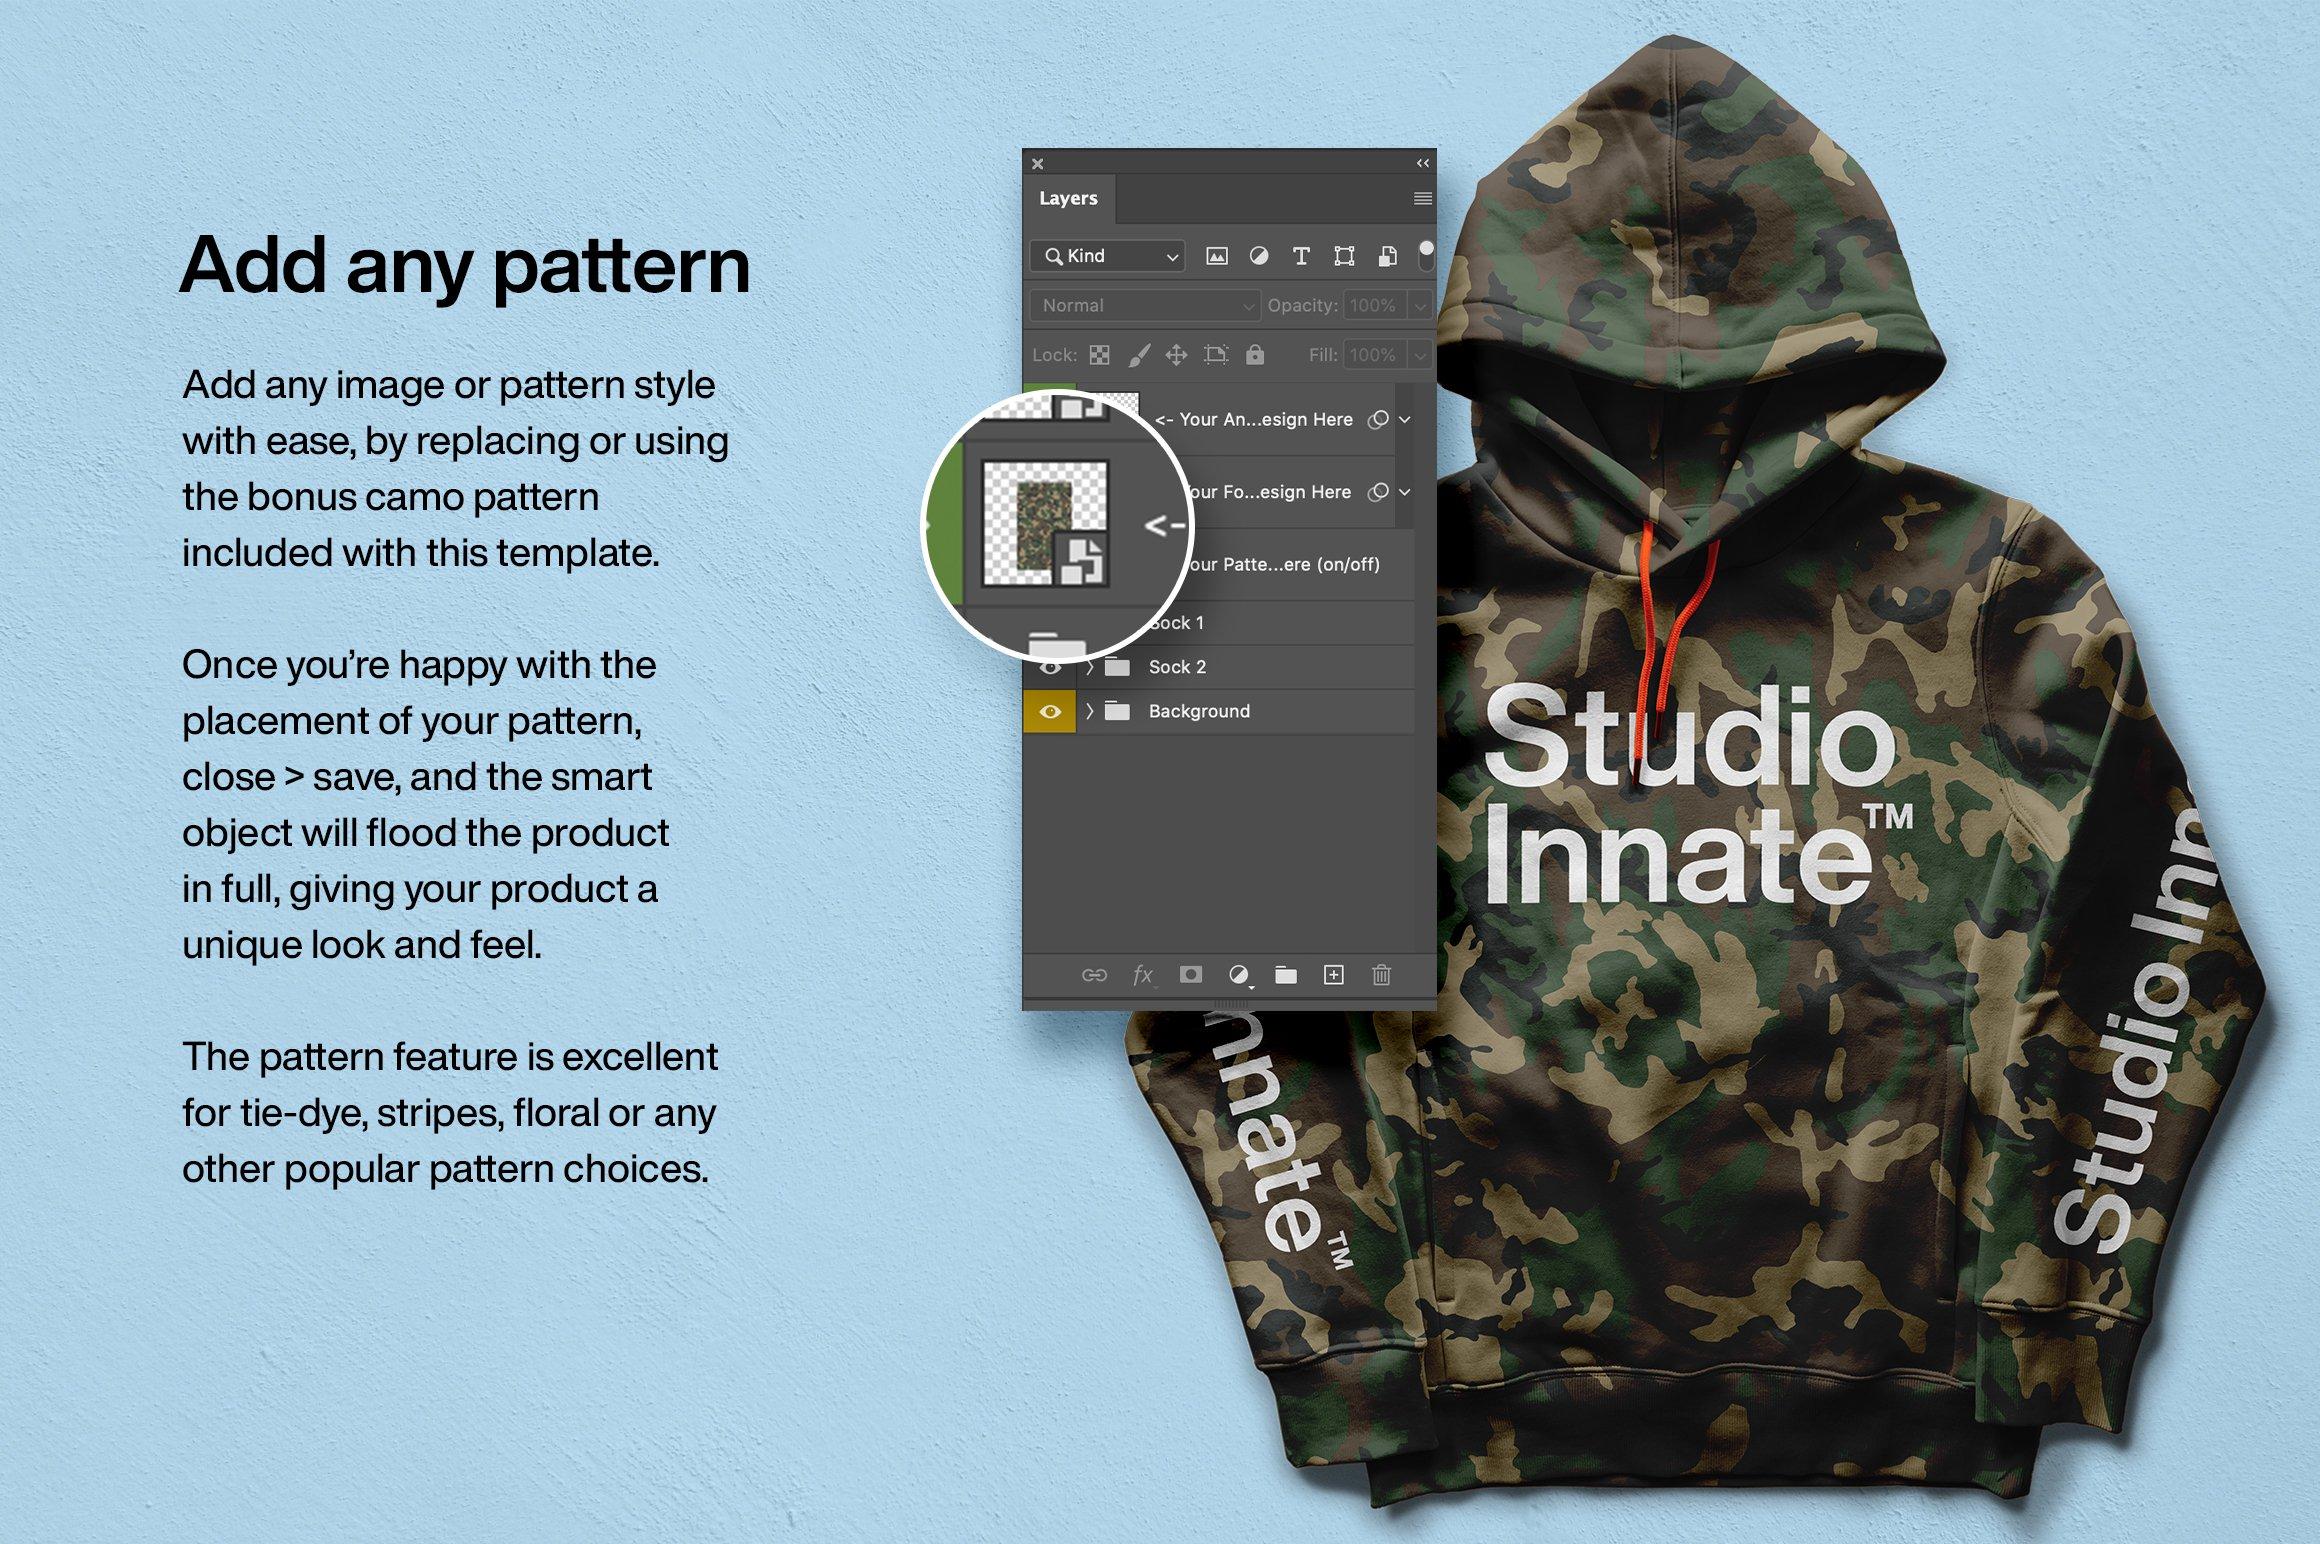 连衣帽卫衣正面印花图案设计展示贴图样机模板 Hoodie Front Mockup插图(4)